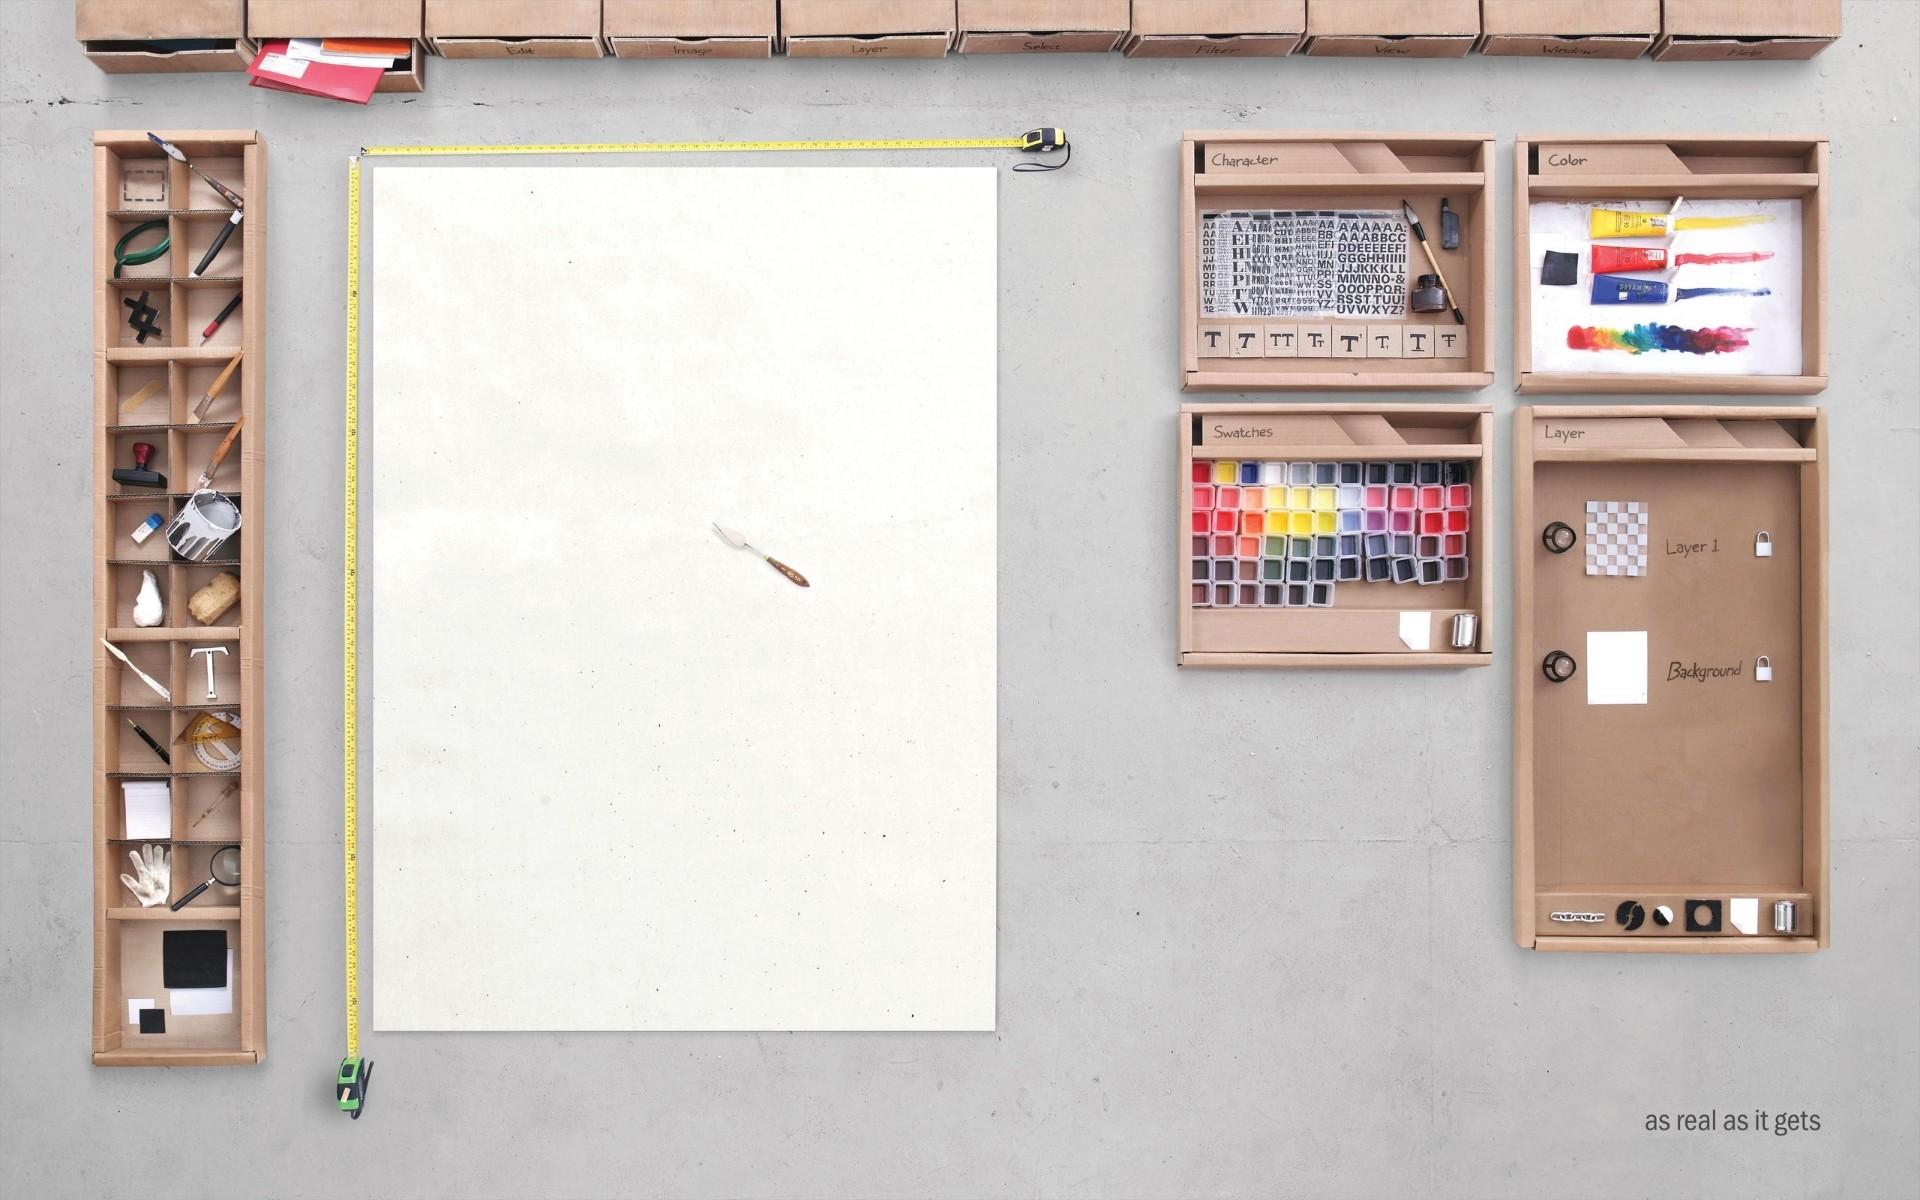 Wunderbar Zeichnung Malerei Weiß Mauer Kunstwerk Holz Tür Innenarchitektur Entwurf  Möbel